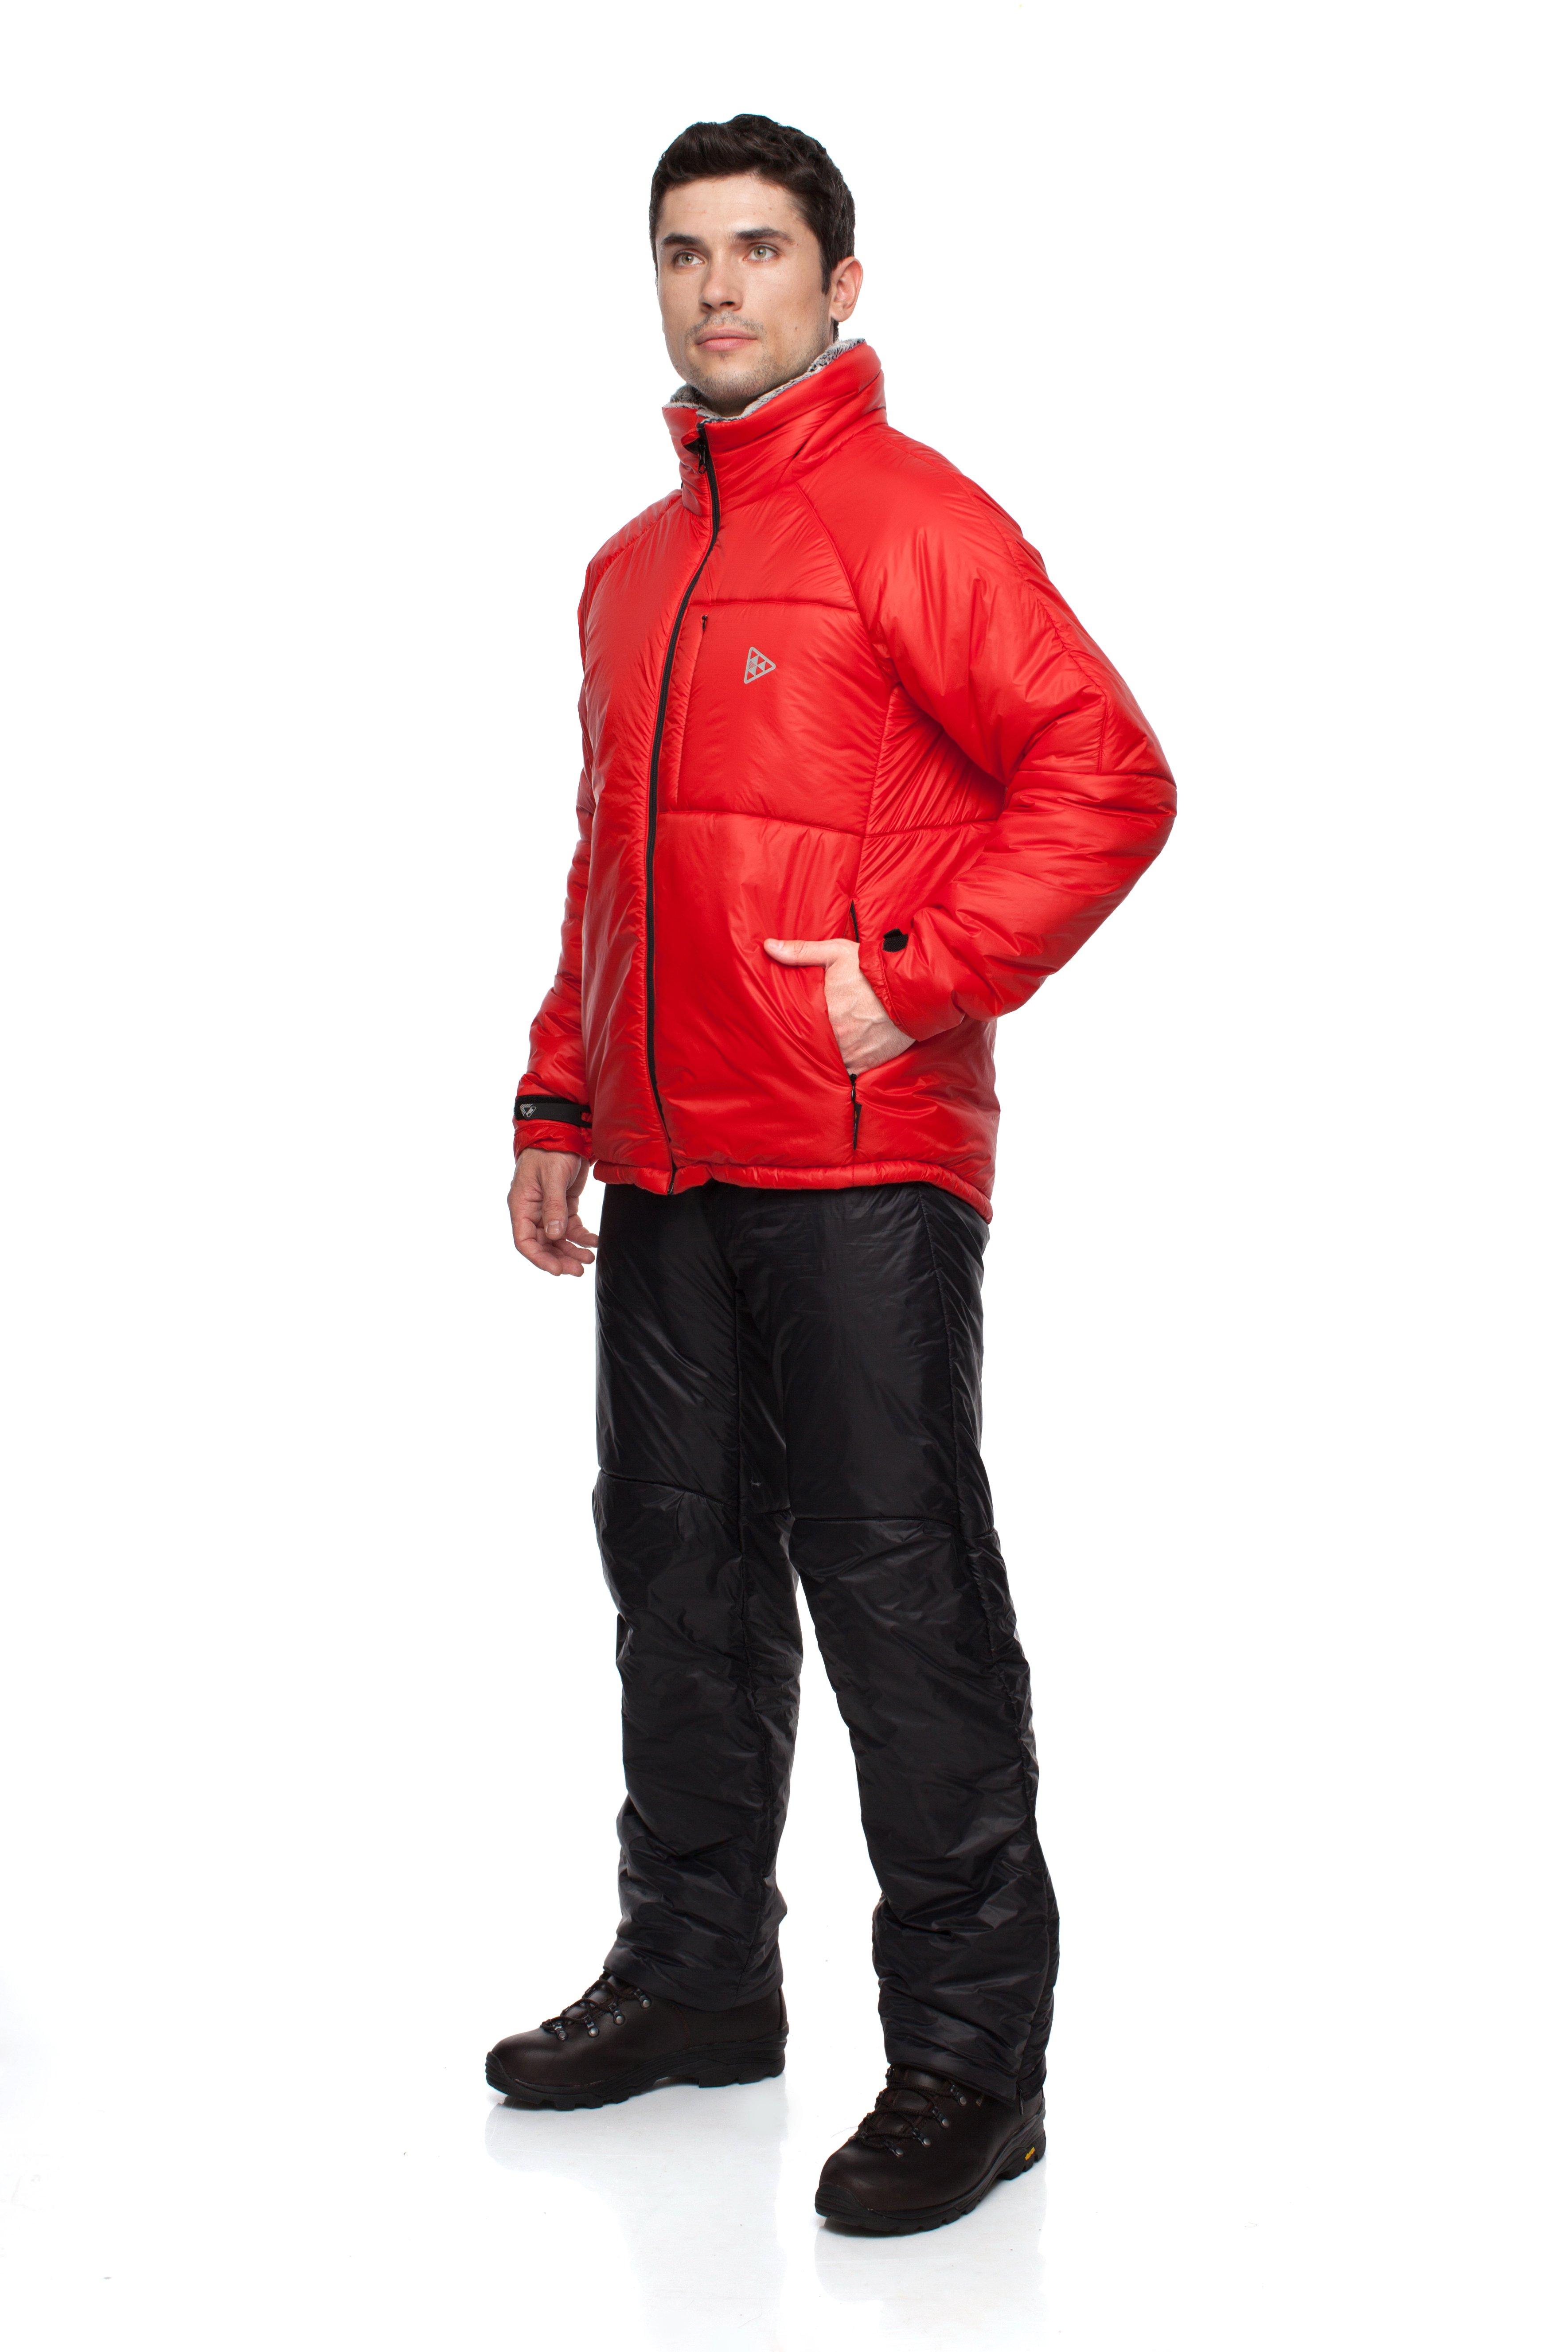 Куртка BASK ROCK V2 4240AКуртки<br><br><br>Верхняя ткань: Advance® Superior<br>Вес граммы: 640<br>Ветро-влагозащитные свойства верхней ткани: Да<br>Ветрозащитная планка: Да<br>Ветрозащитная юбка: Нет<br>Влагозащитные молнии: Нет<br>Внутренние манжеты: Нет<br>Внутренняя ткань: Advance® Superior<br>Водонепроницаемость: 5000<br>Дублирующий центральную молнию клапан: Нет<br>Защитный козырёк капюшона: Нет<br>Капюшон: Убирается в воротник<br>Карман для средств связи: Нет<br>Количество внешних карманов: 3<br>Количество внутренних карманов: 2<br>Мембрана: Нет<br>Объемный крой локтевой зоны: Да<br>Отстёгивающиеся рукава: Нет<br>Паропроницаемость: 5000<br>Пол: Унисекс<br>Проклейка швов: Нет<br>Регулировка манжетов рукавов: Да<br>Регулировка низа: Да<br>Регулировка объёма капюшона: Нет<br>Регулировка талии: Нет<br>Регулируемые вентиляционные отверстия: Нет<br>Световозвращающая лента: Нет<br>Температурный режим: -15<br>Технология Thermal Welding: Нет<br>Технология швов: Простые<br>Тип молнии: Двухзамковая влагостойкая<br>Тип утеплителя: Синтетический<br>Усиление контактных зон: Нет<br>Утеплитель: Primaloft® Sport 100г/м2<br>Размер INT: XXL<br>Цвет: СИНИЙ